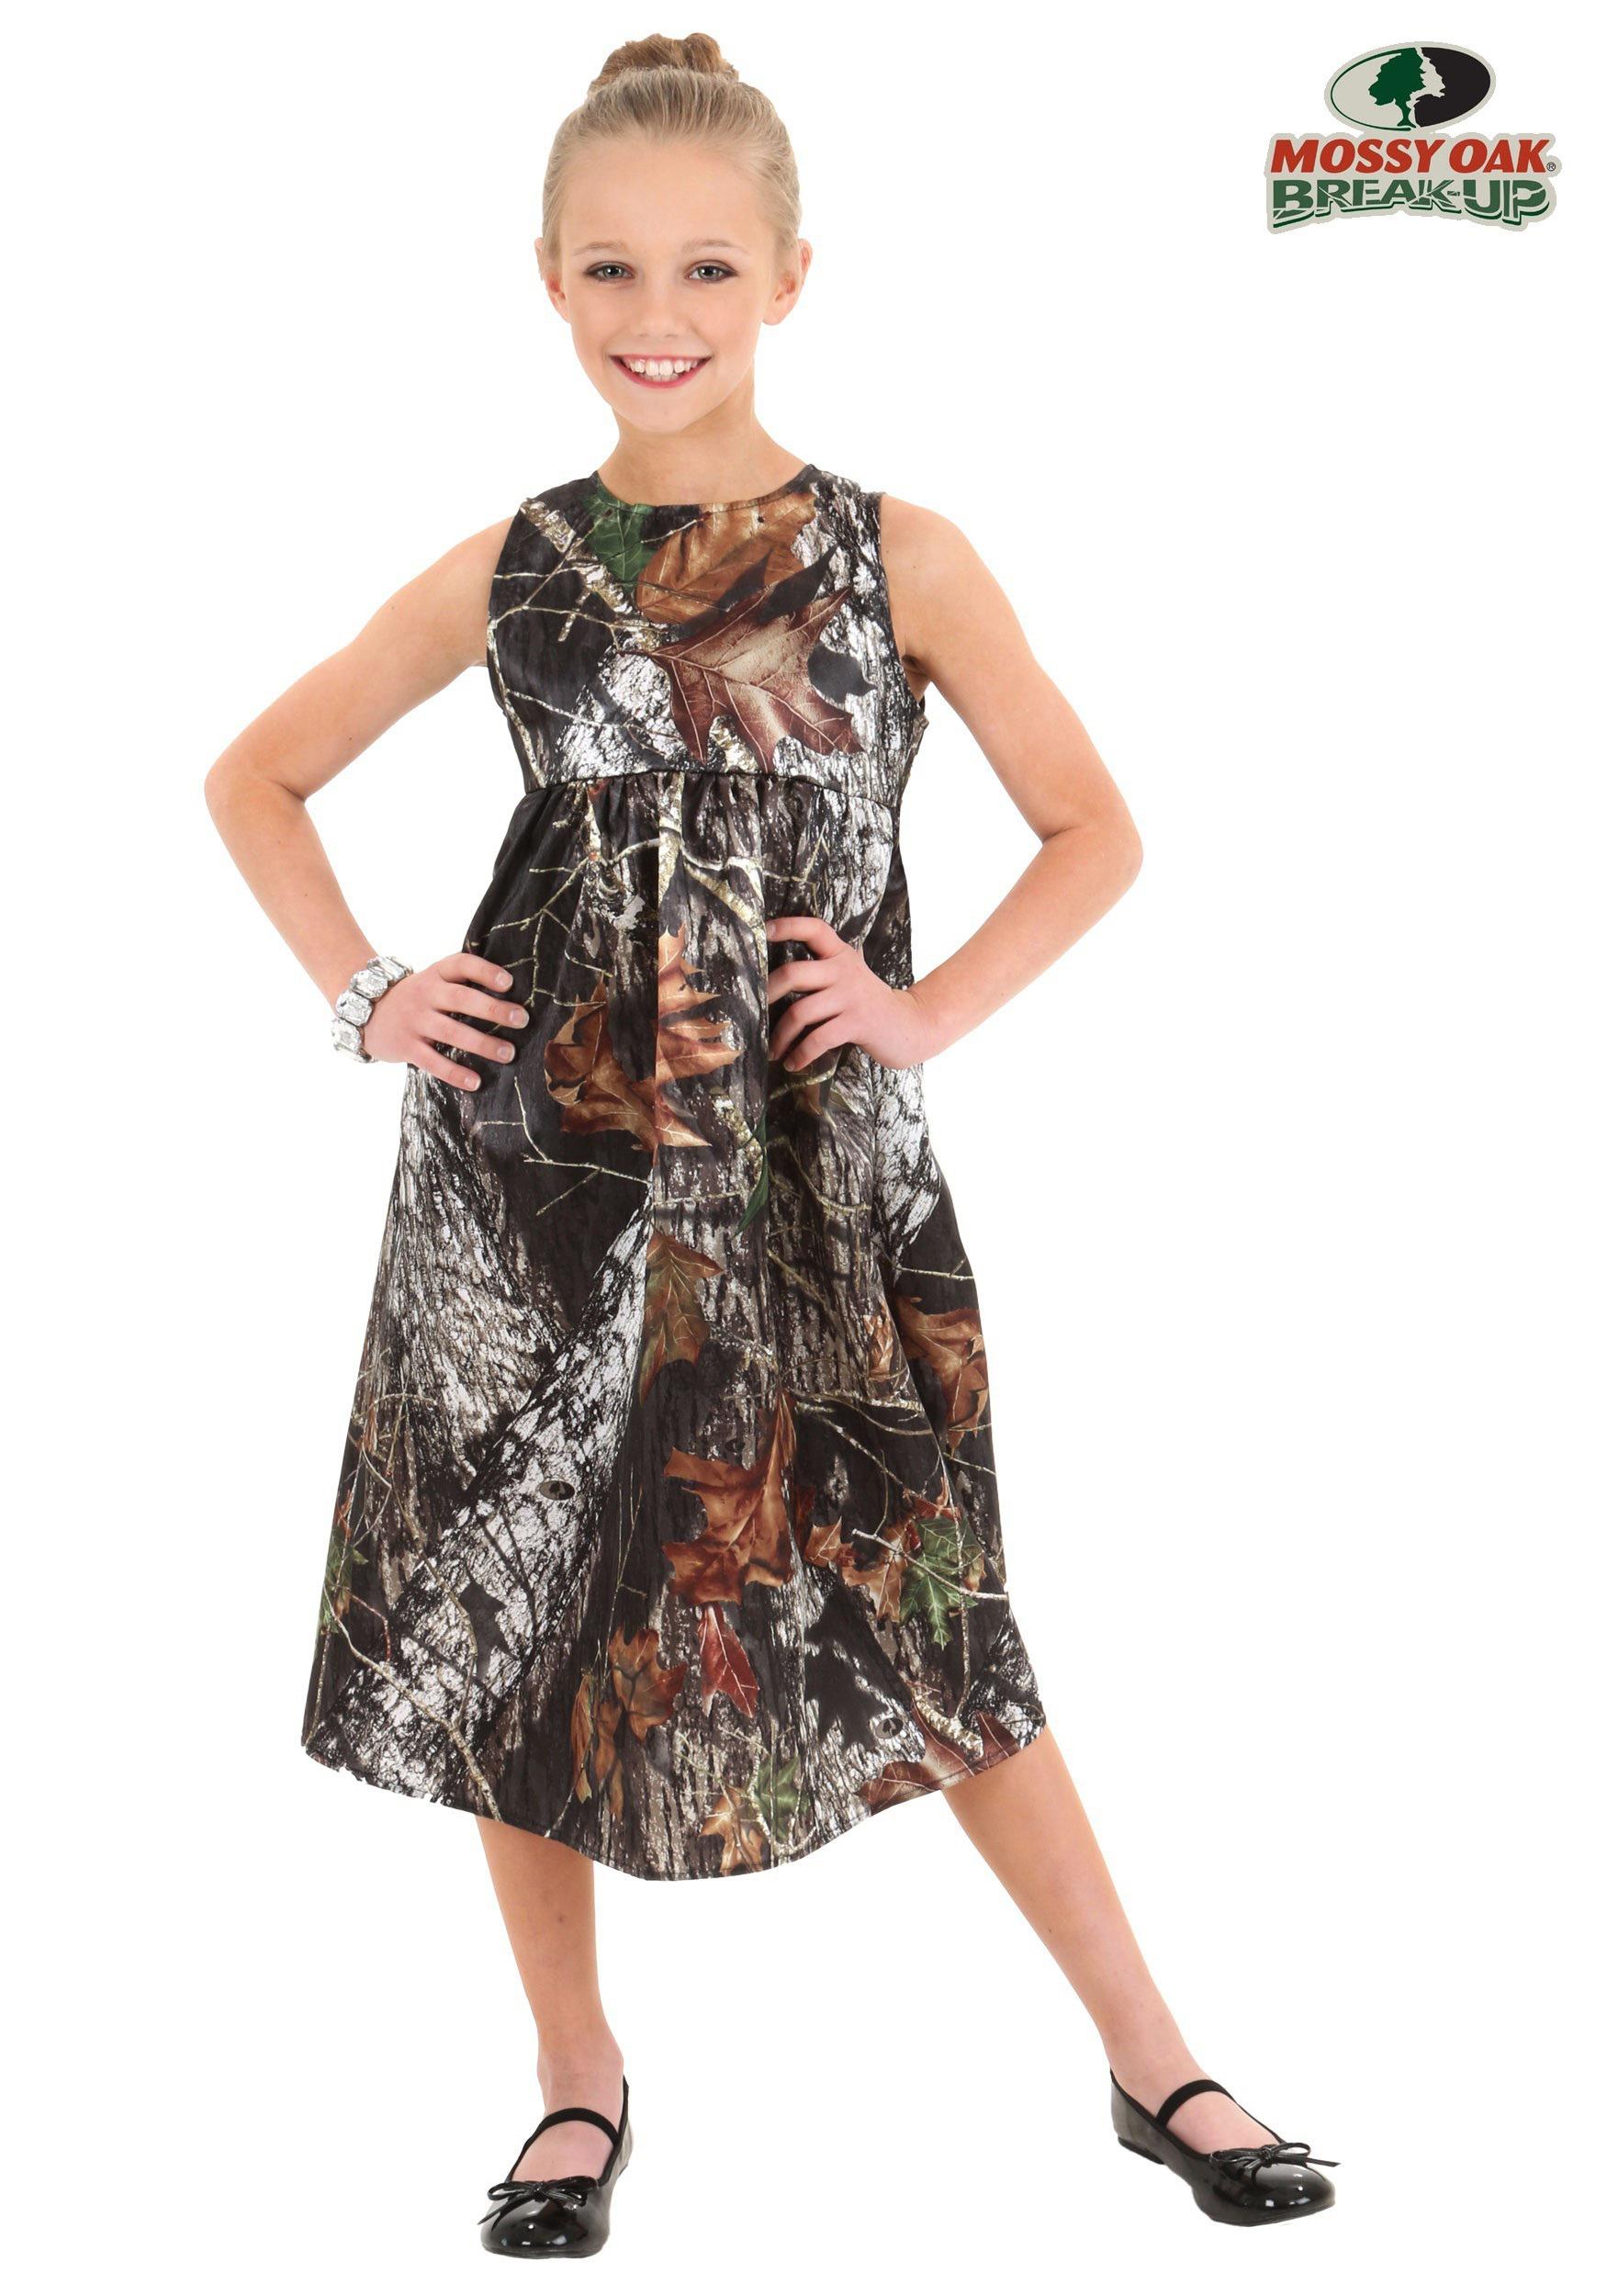 Child Mossy Oak Flower Girl Dress Costume